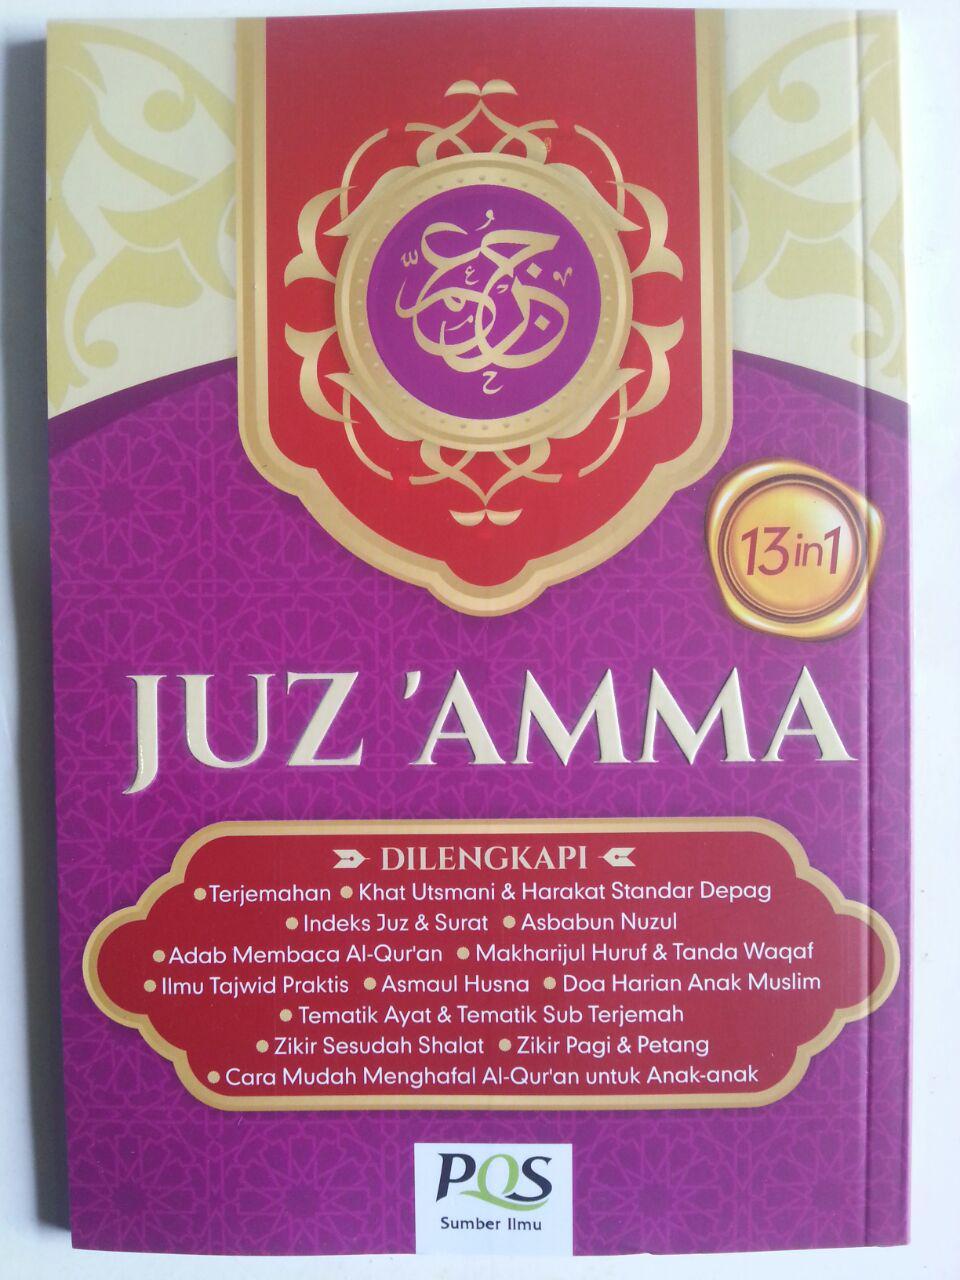 Buku Juz Amma Terjemahan Terlengkap 13 In 1 cover 2